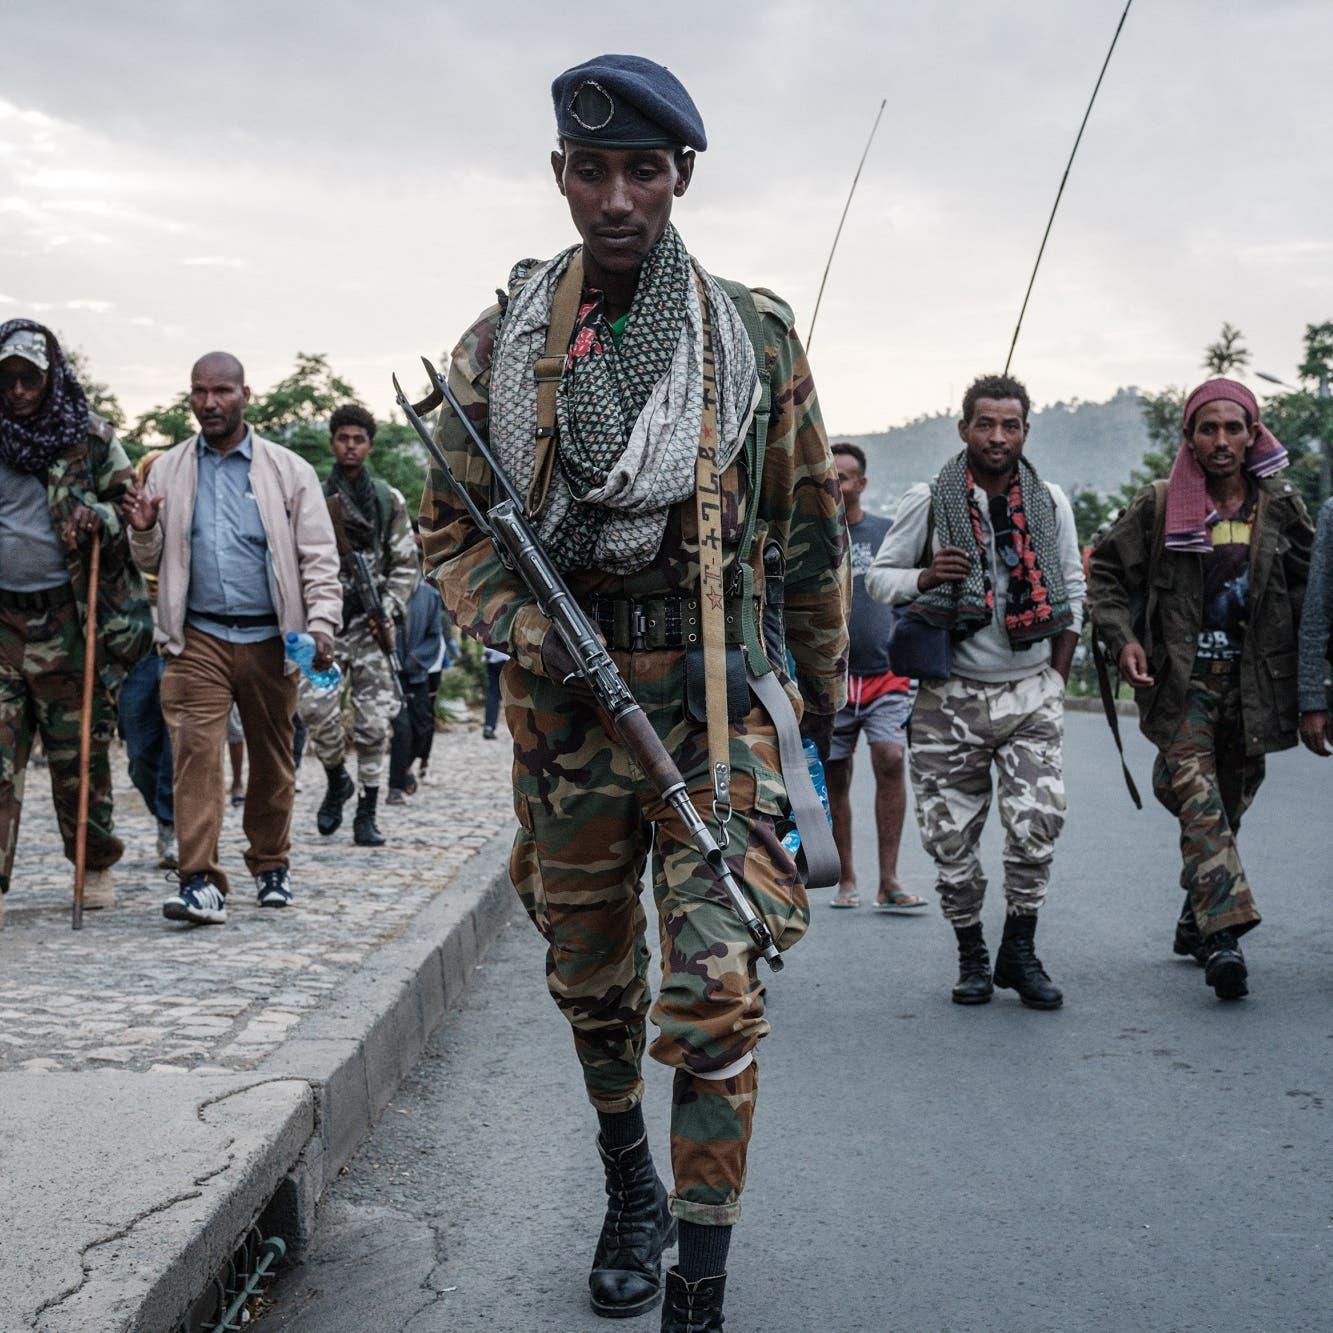 بعد طردها مسؤولين أمميين.. إثيوبيا تبرر: نقلوا معدات لتيغراي